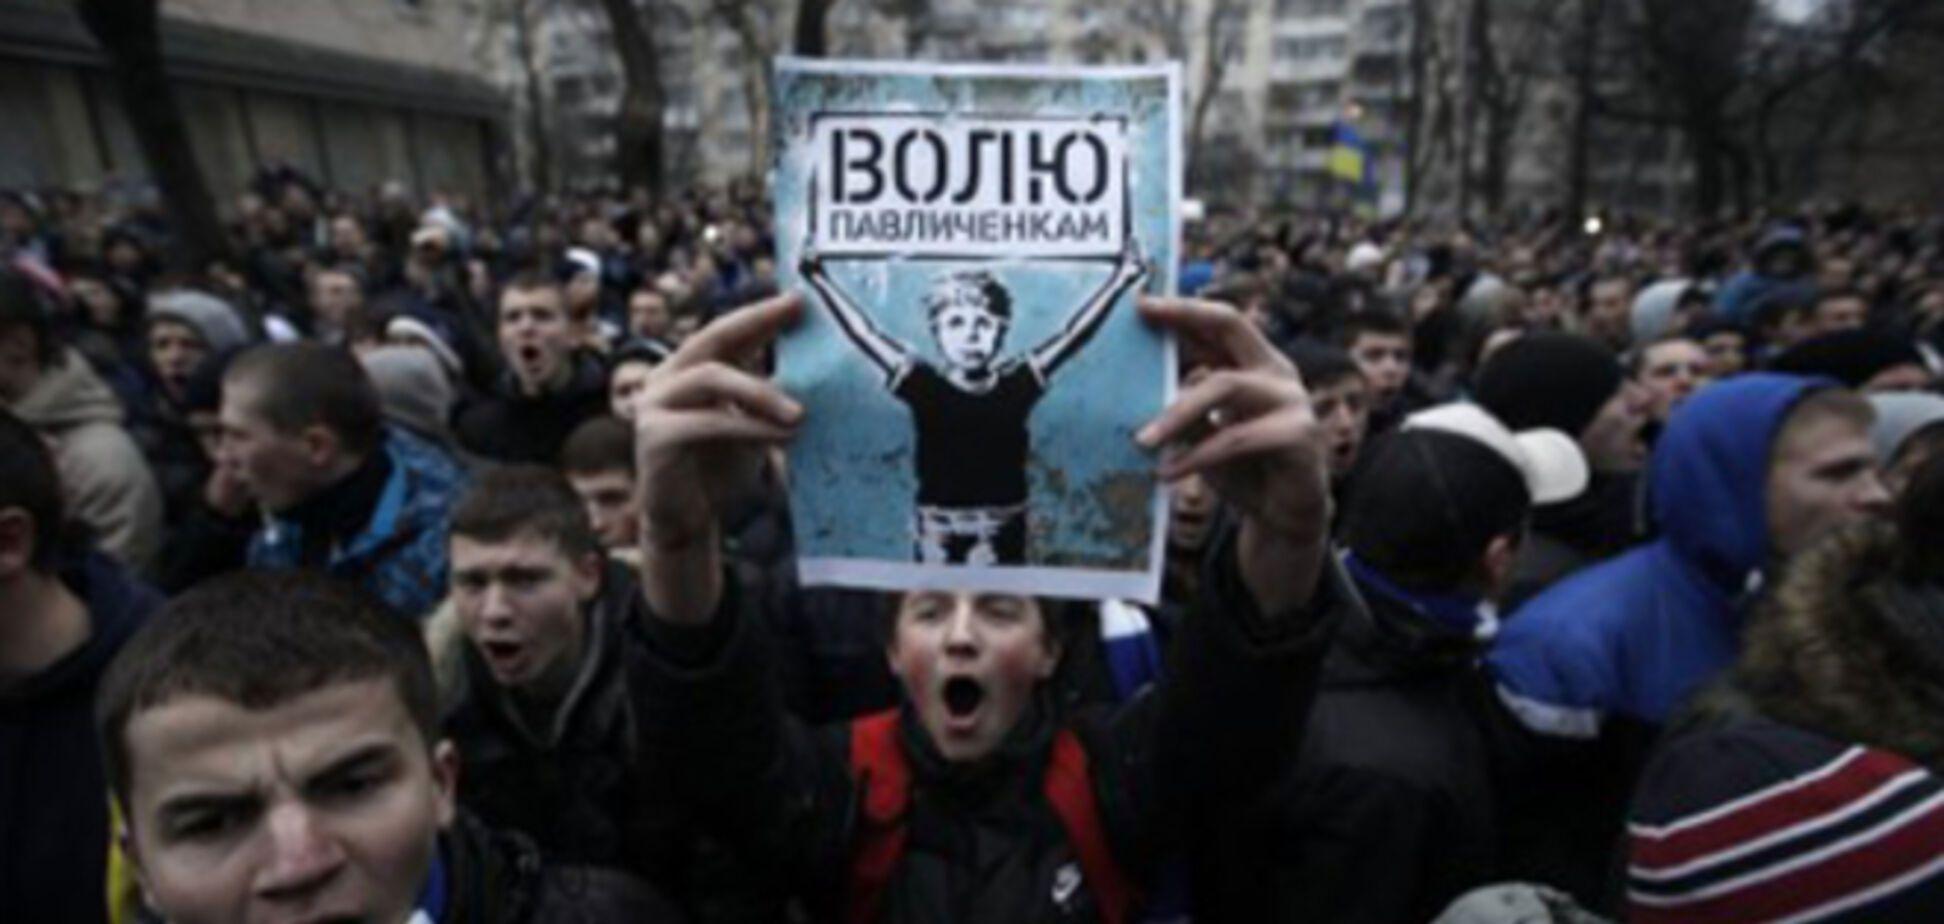 Реабилитированным после Майдана отцу и сыну Павличенко пригрозили новыми уголовными делами